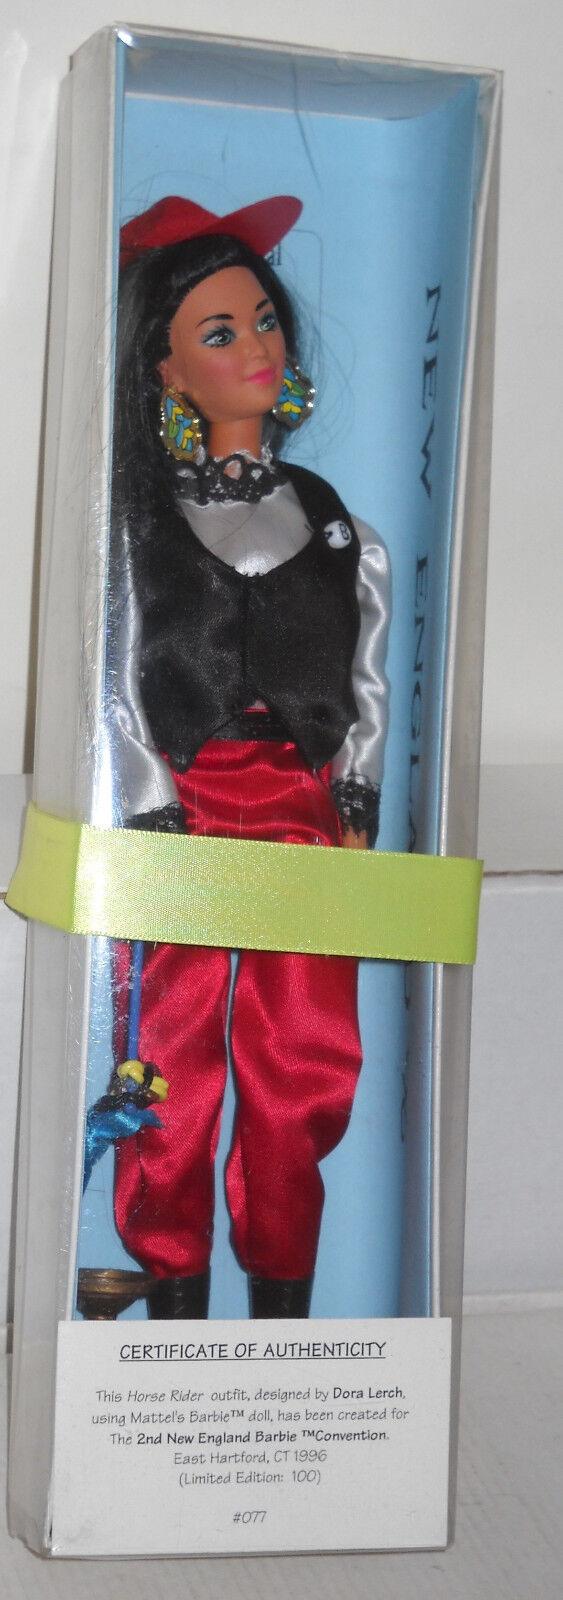 Convenio de la muñeca Barbie jinete del caballo Hartford, CT 1996